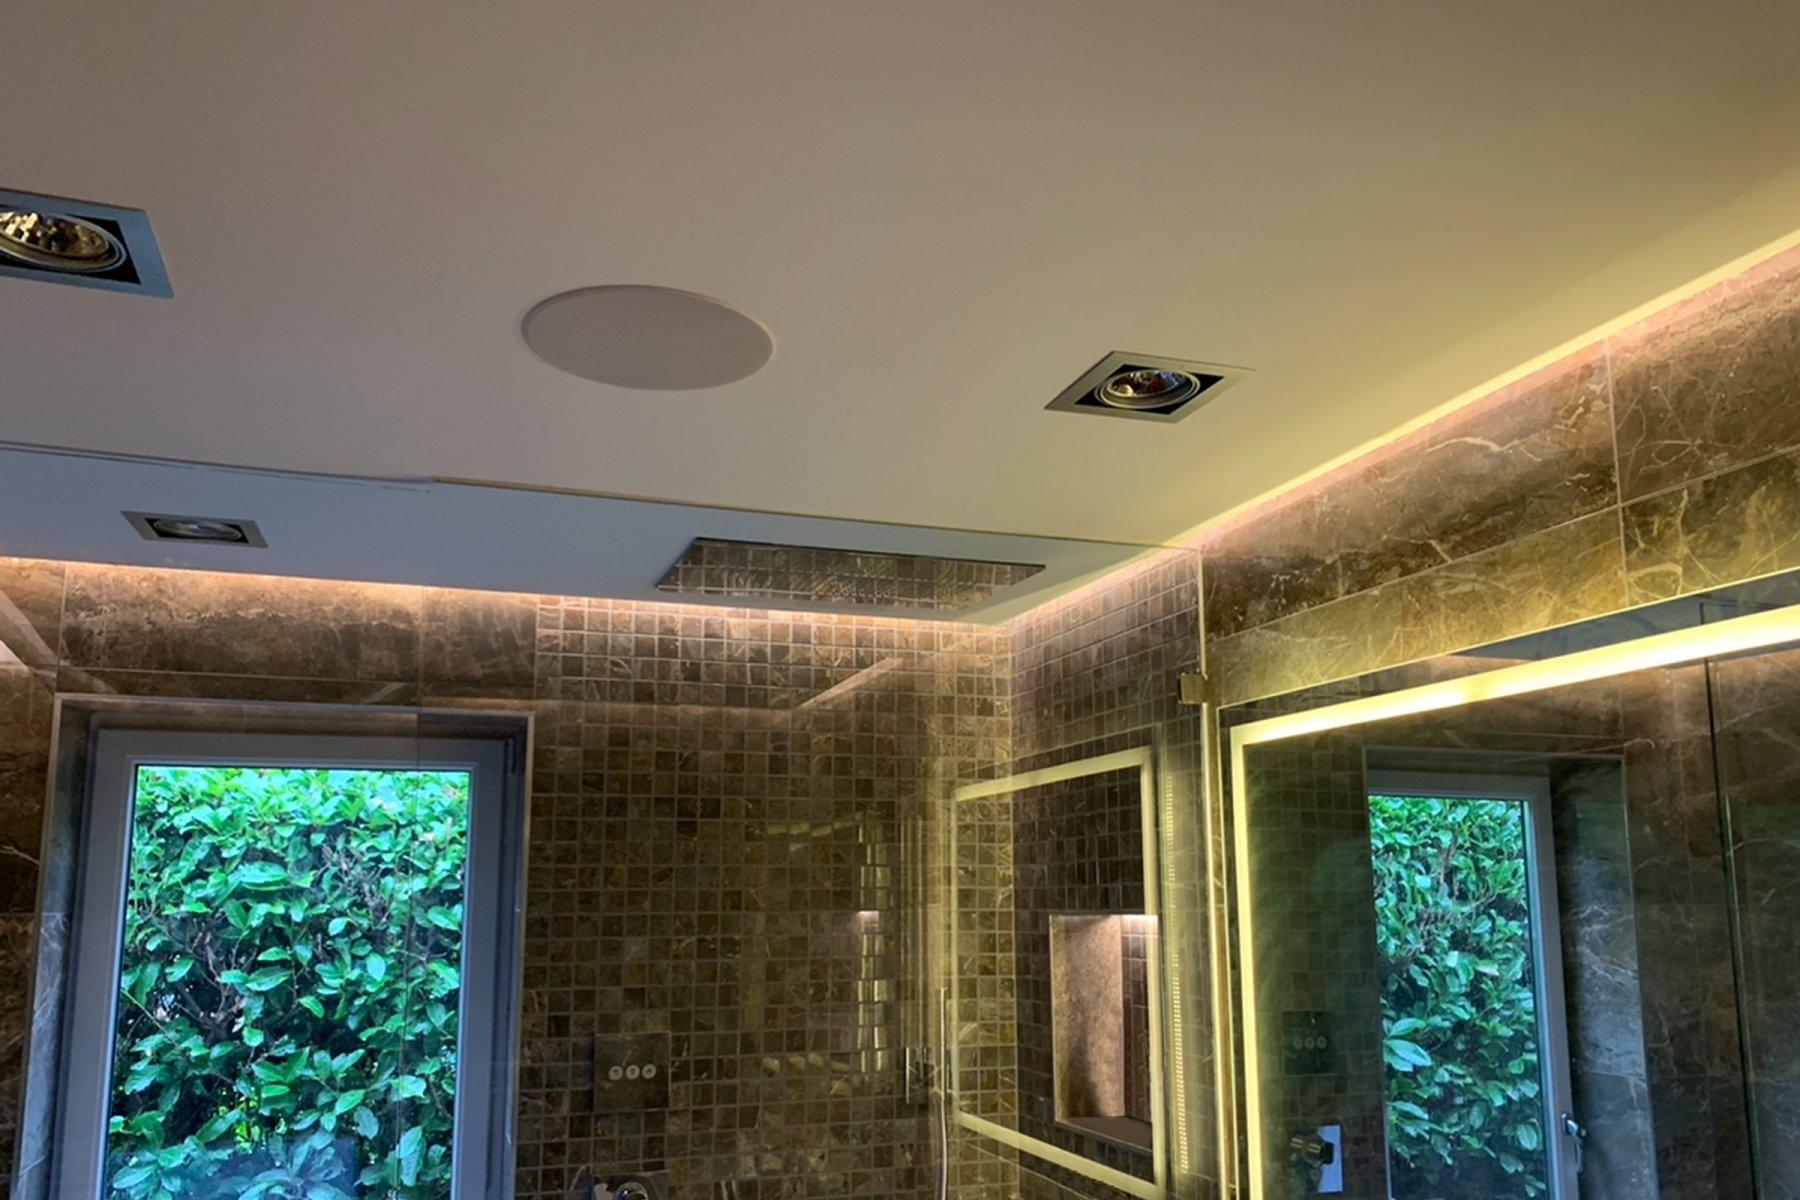 Bathroom with Sonance in ceiling speakers